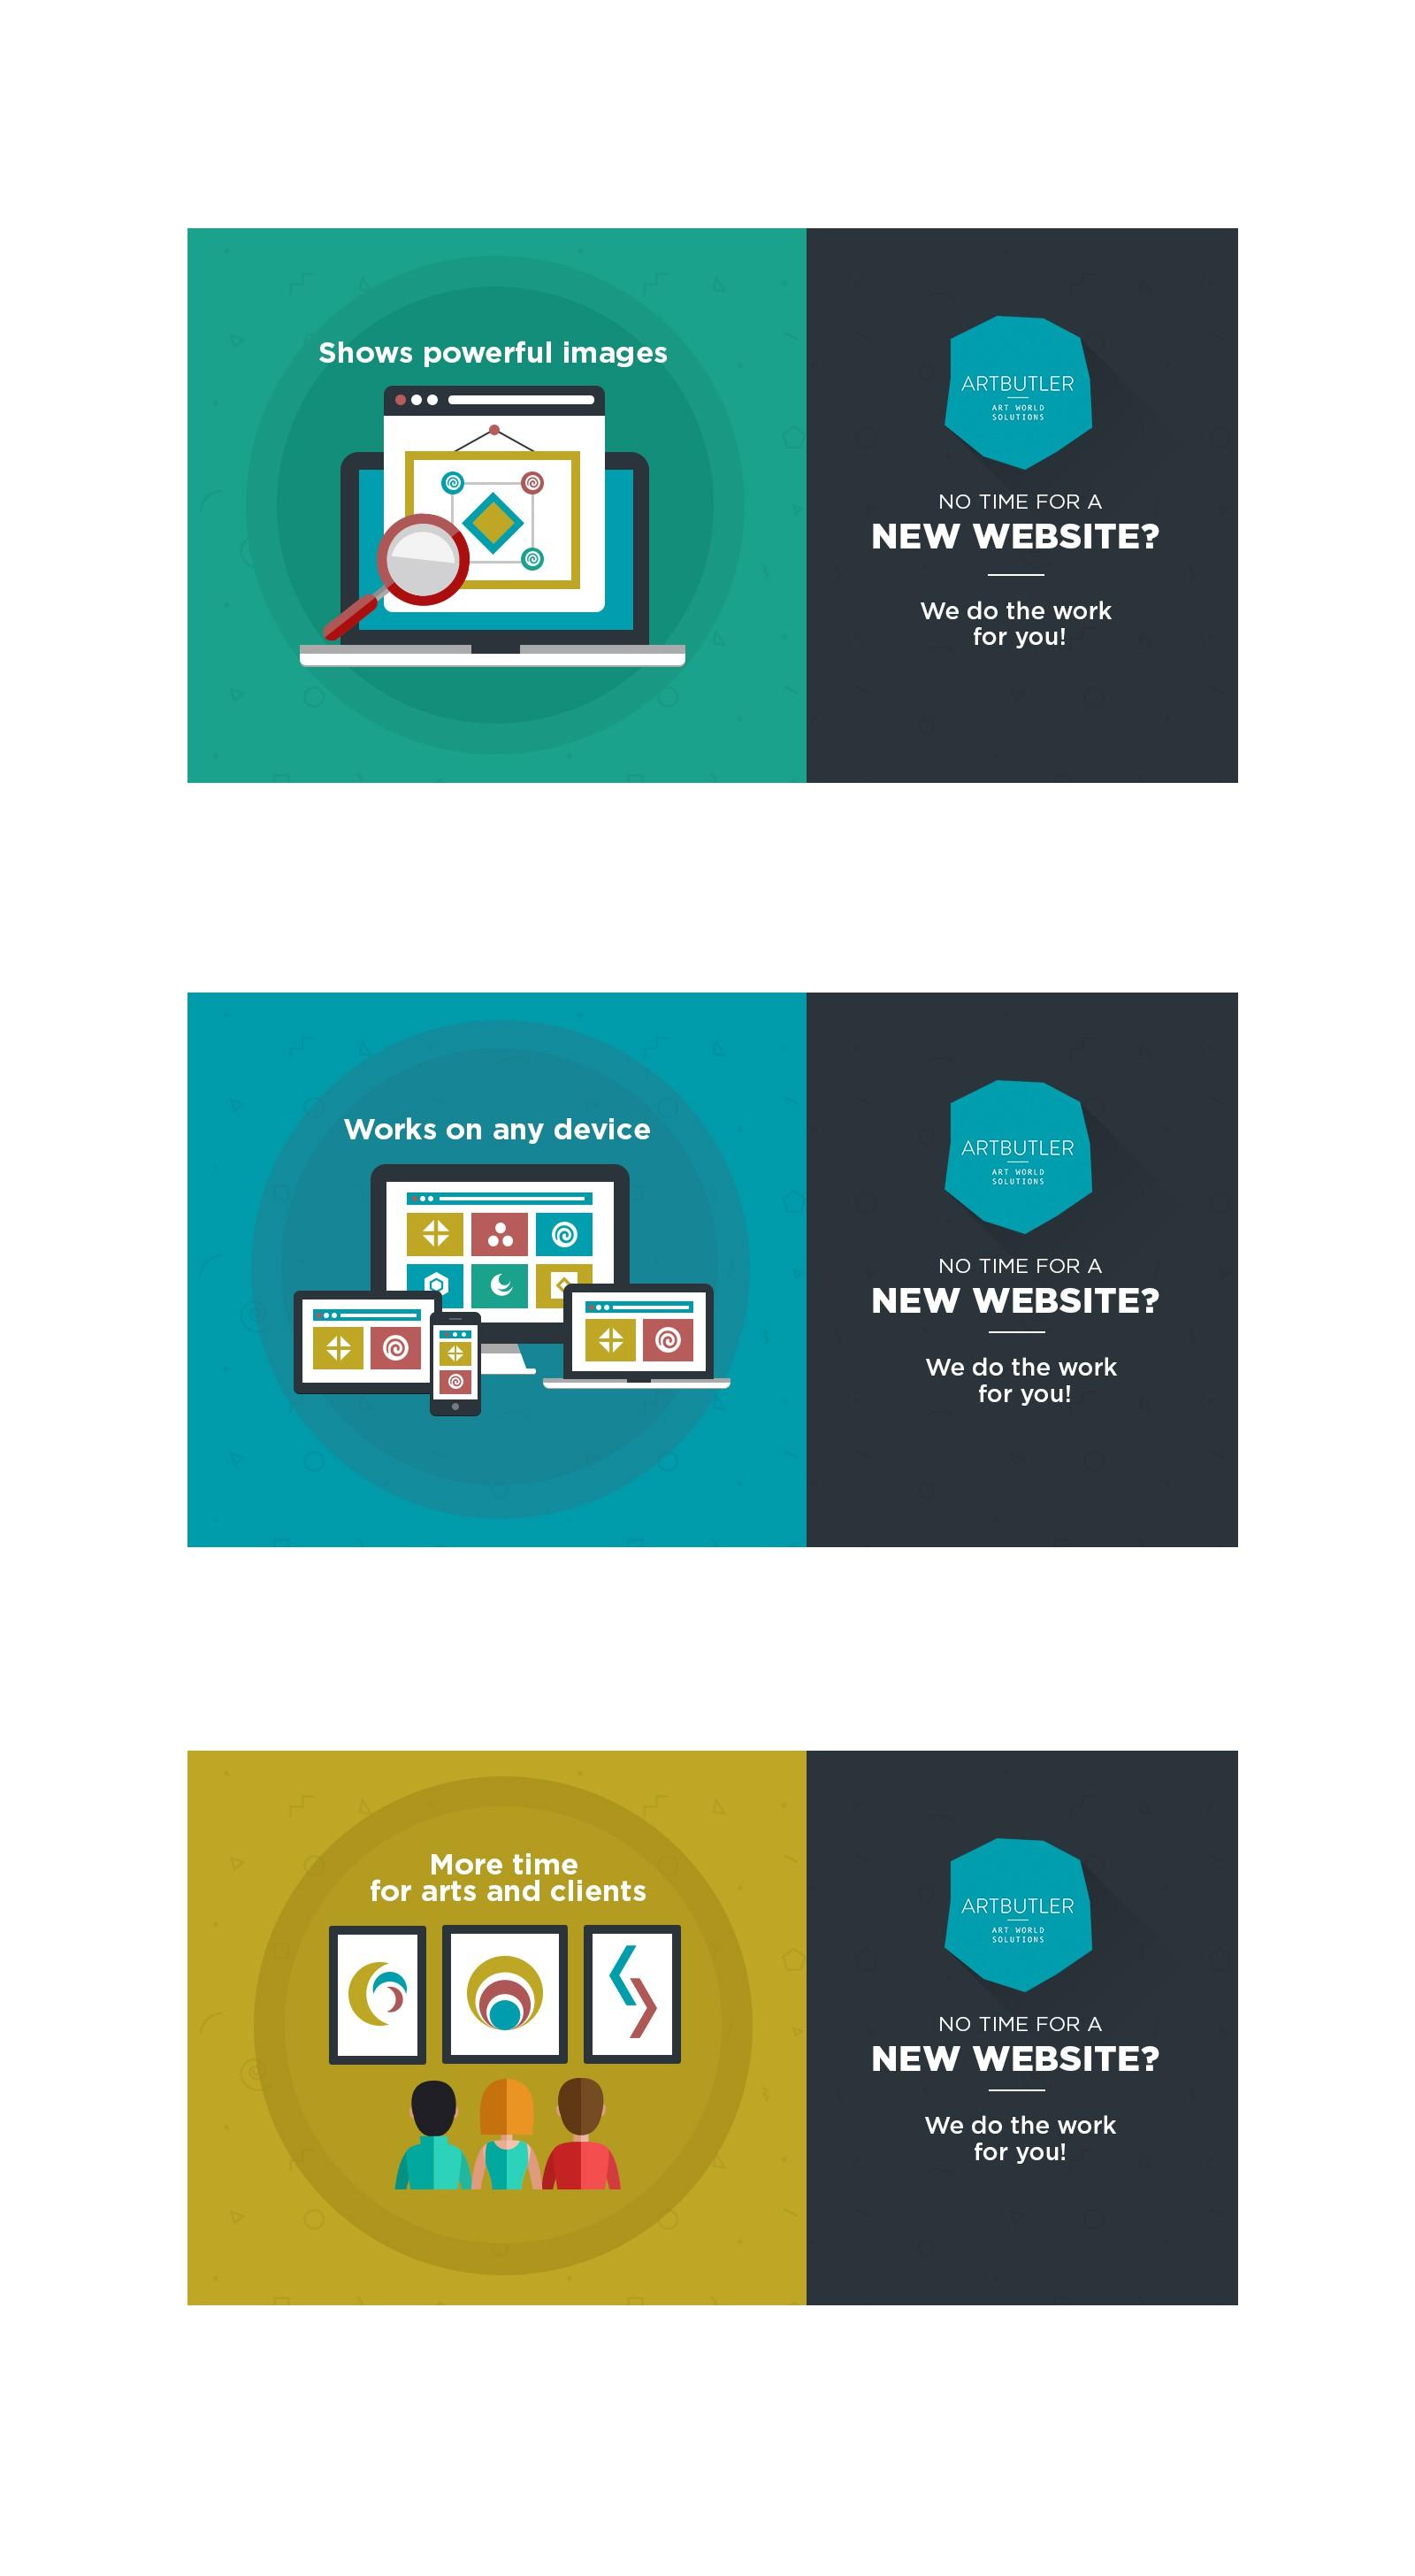 Software-Unternehmen für den Kunstmarkt braucht Facebook-Anzeigebilder